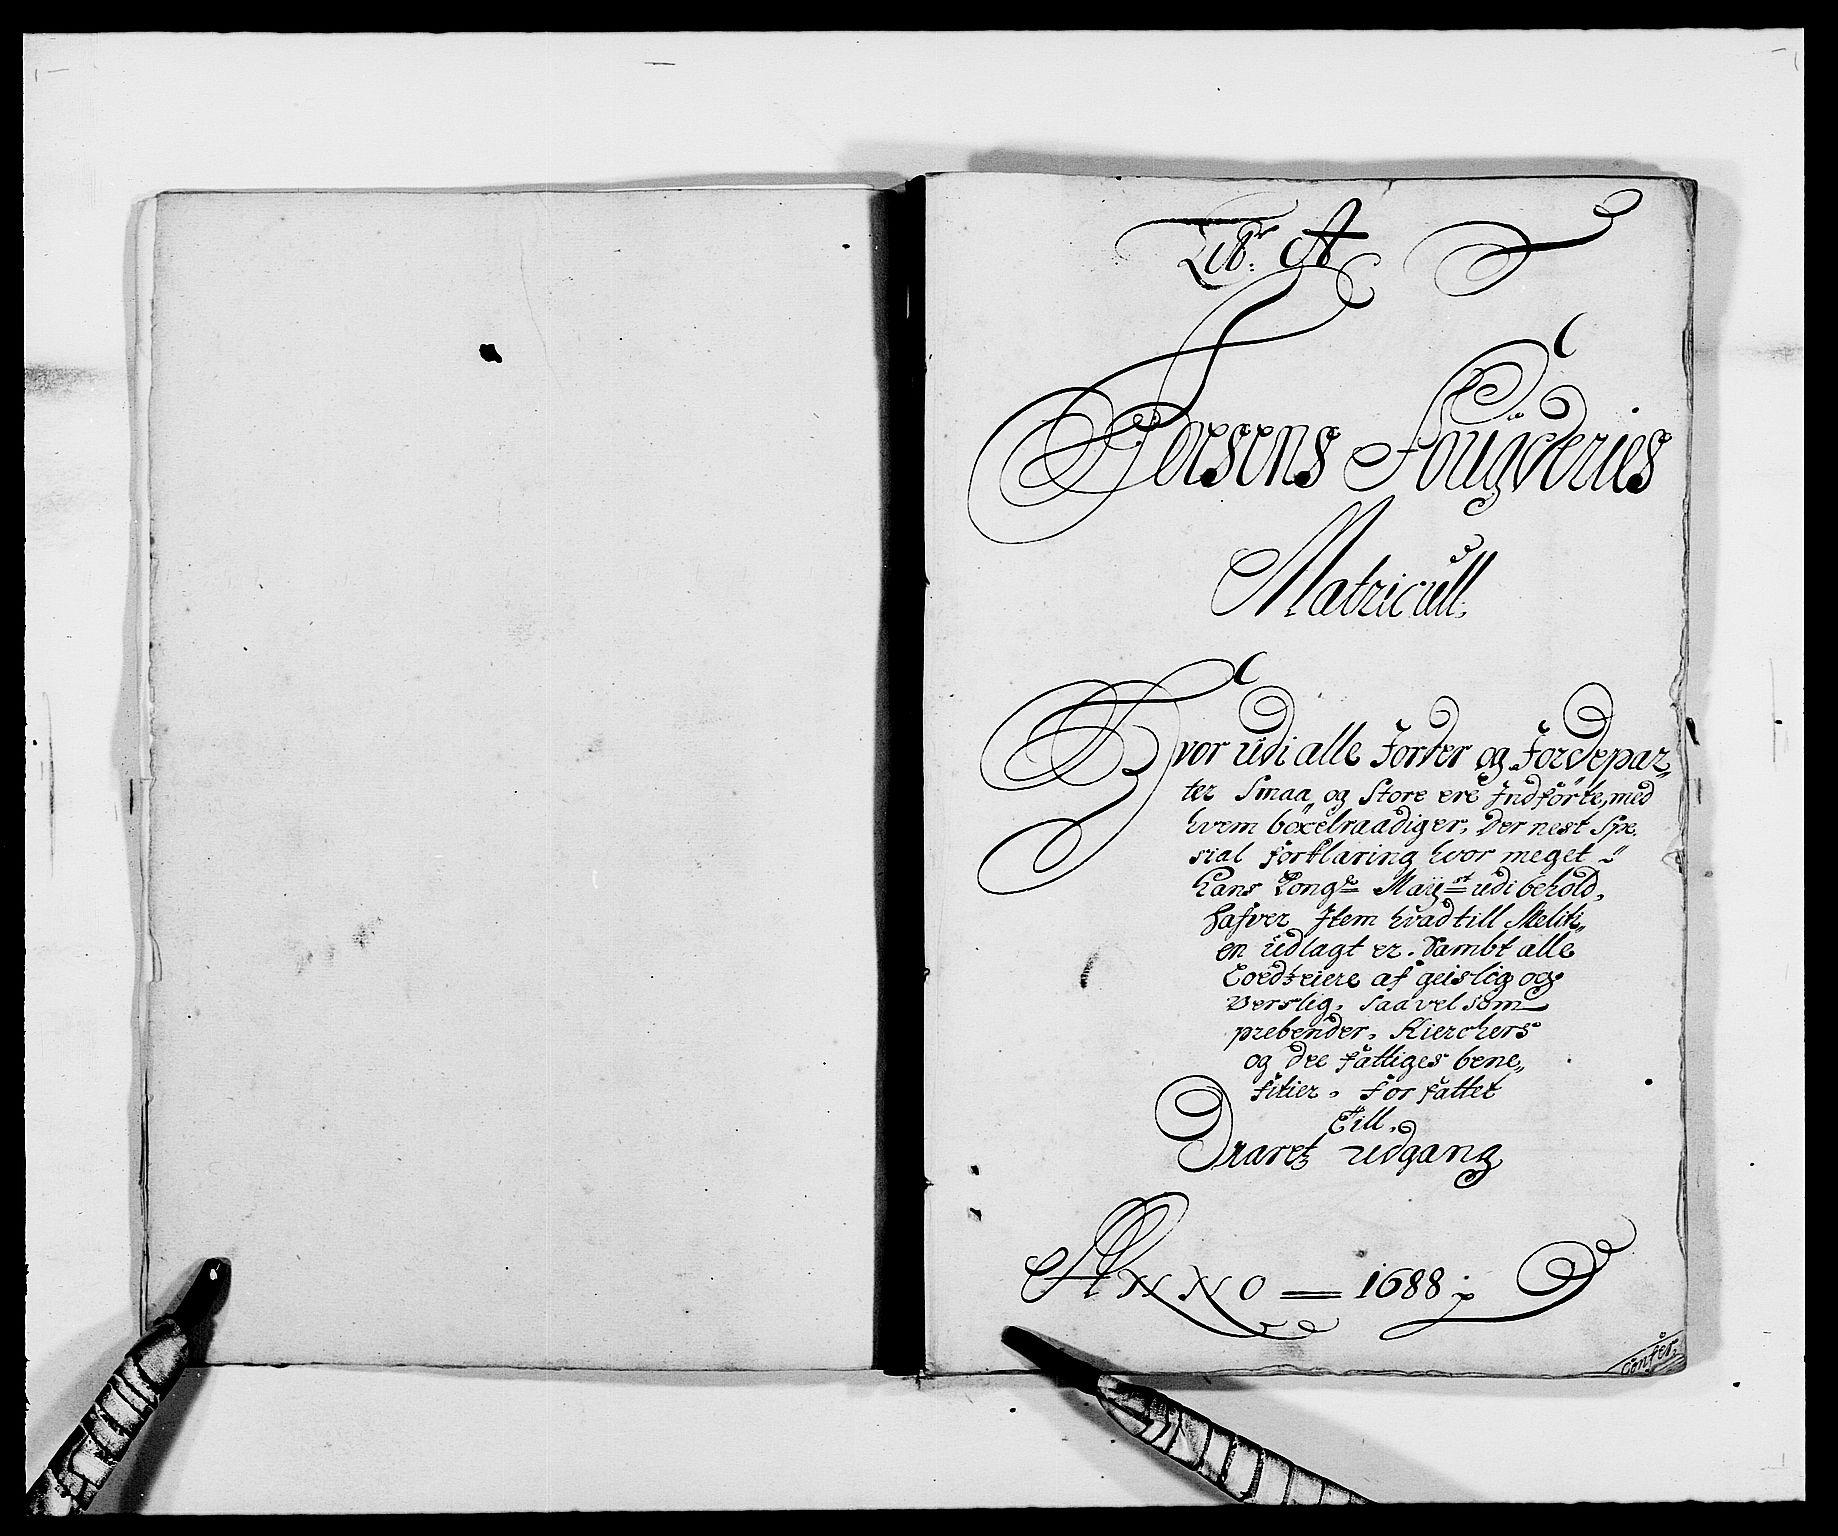 RA, Rentekammeret inntil 1814, Reviderte regnskaper, Fogderegnskap, R57/L3846: Fogderegnskap Fosen, 1688, s. 14